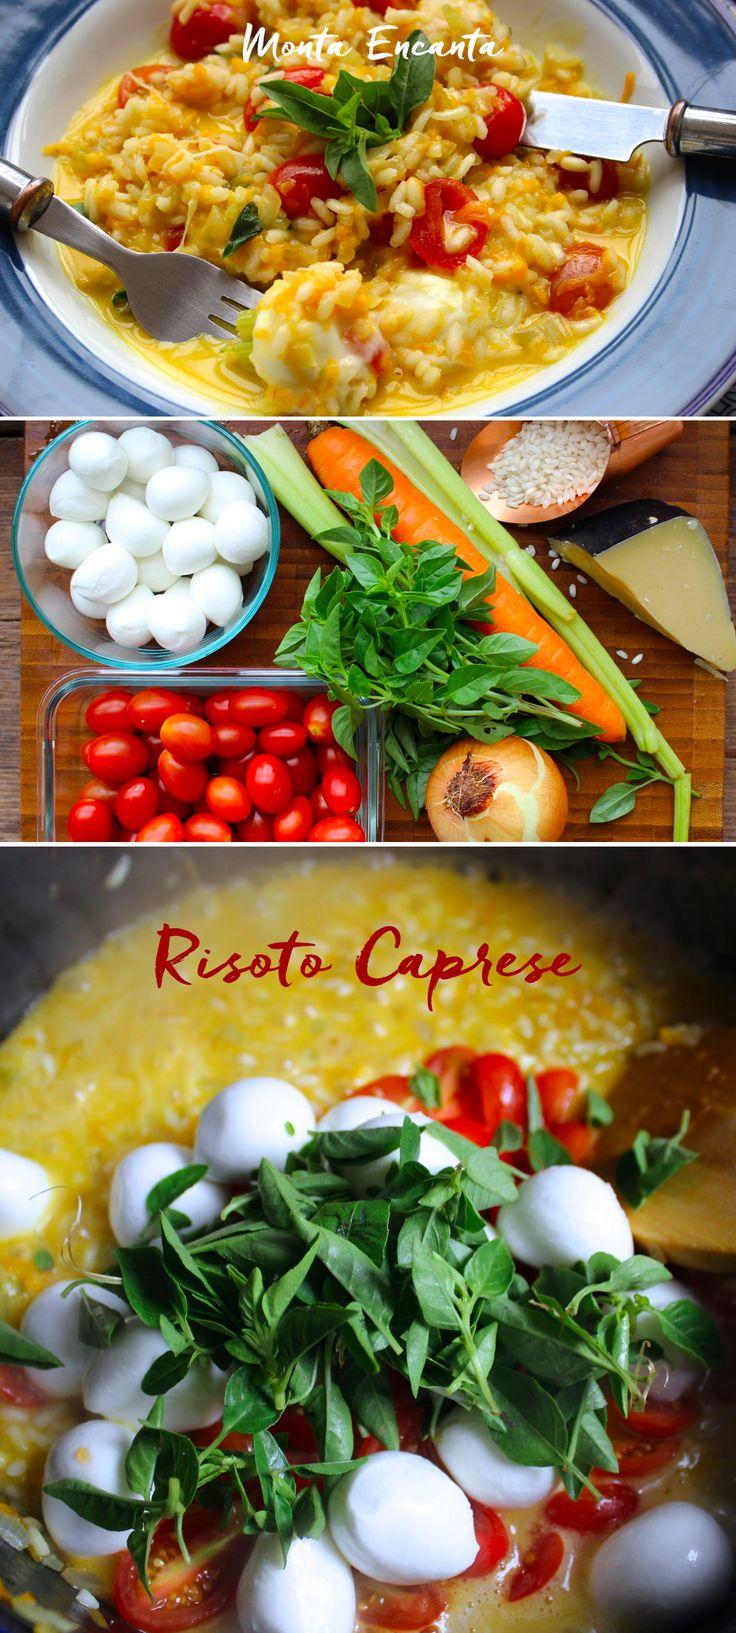 Risoto Caprese - tomatinhos sweet, manjeicão, muzzarela de búfala fresca e molho natural feito junto e ao mesmo tempo que o risoto. Lindo,  colorido e incrivelmente saboroso e pronto em menos de 30min.  di vi no